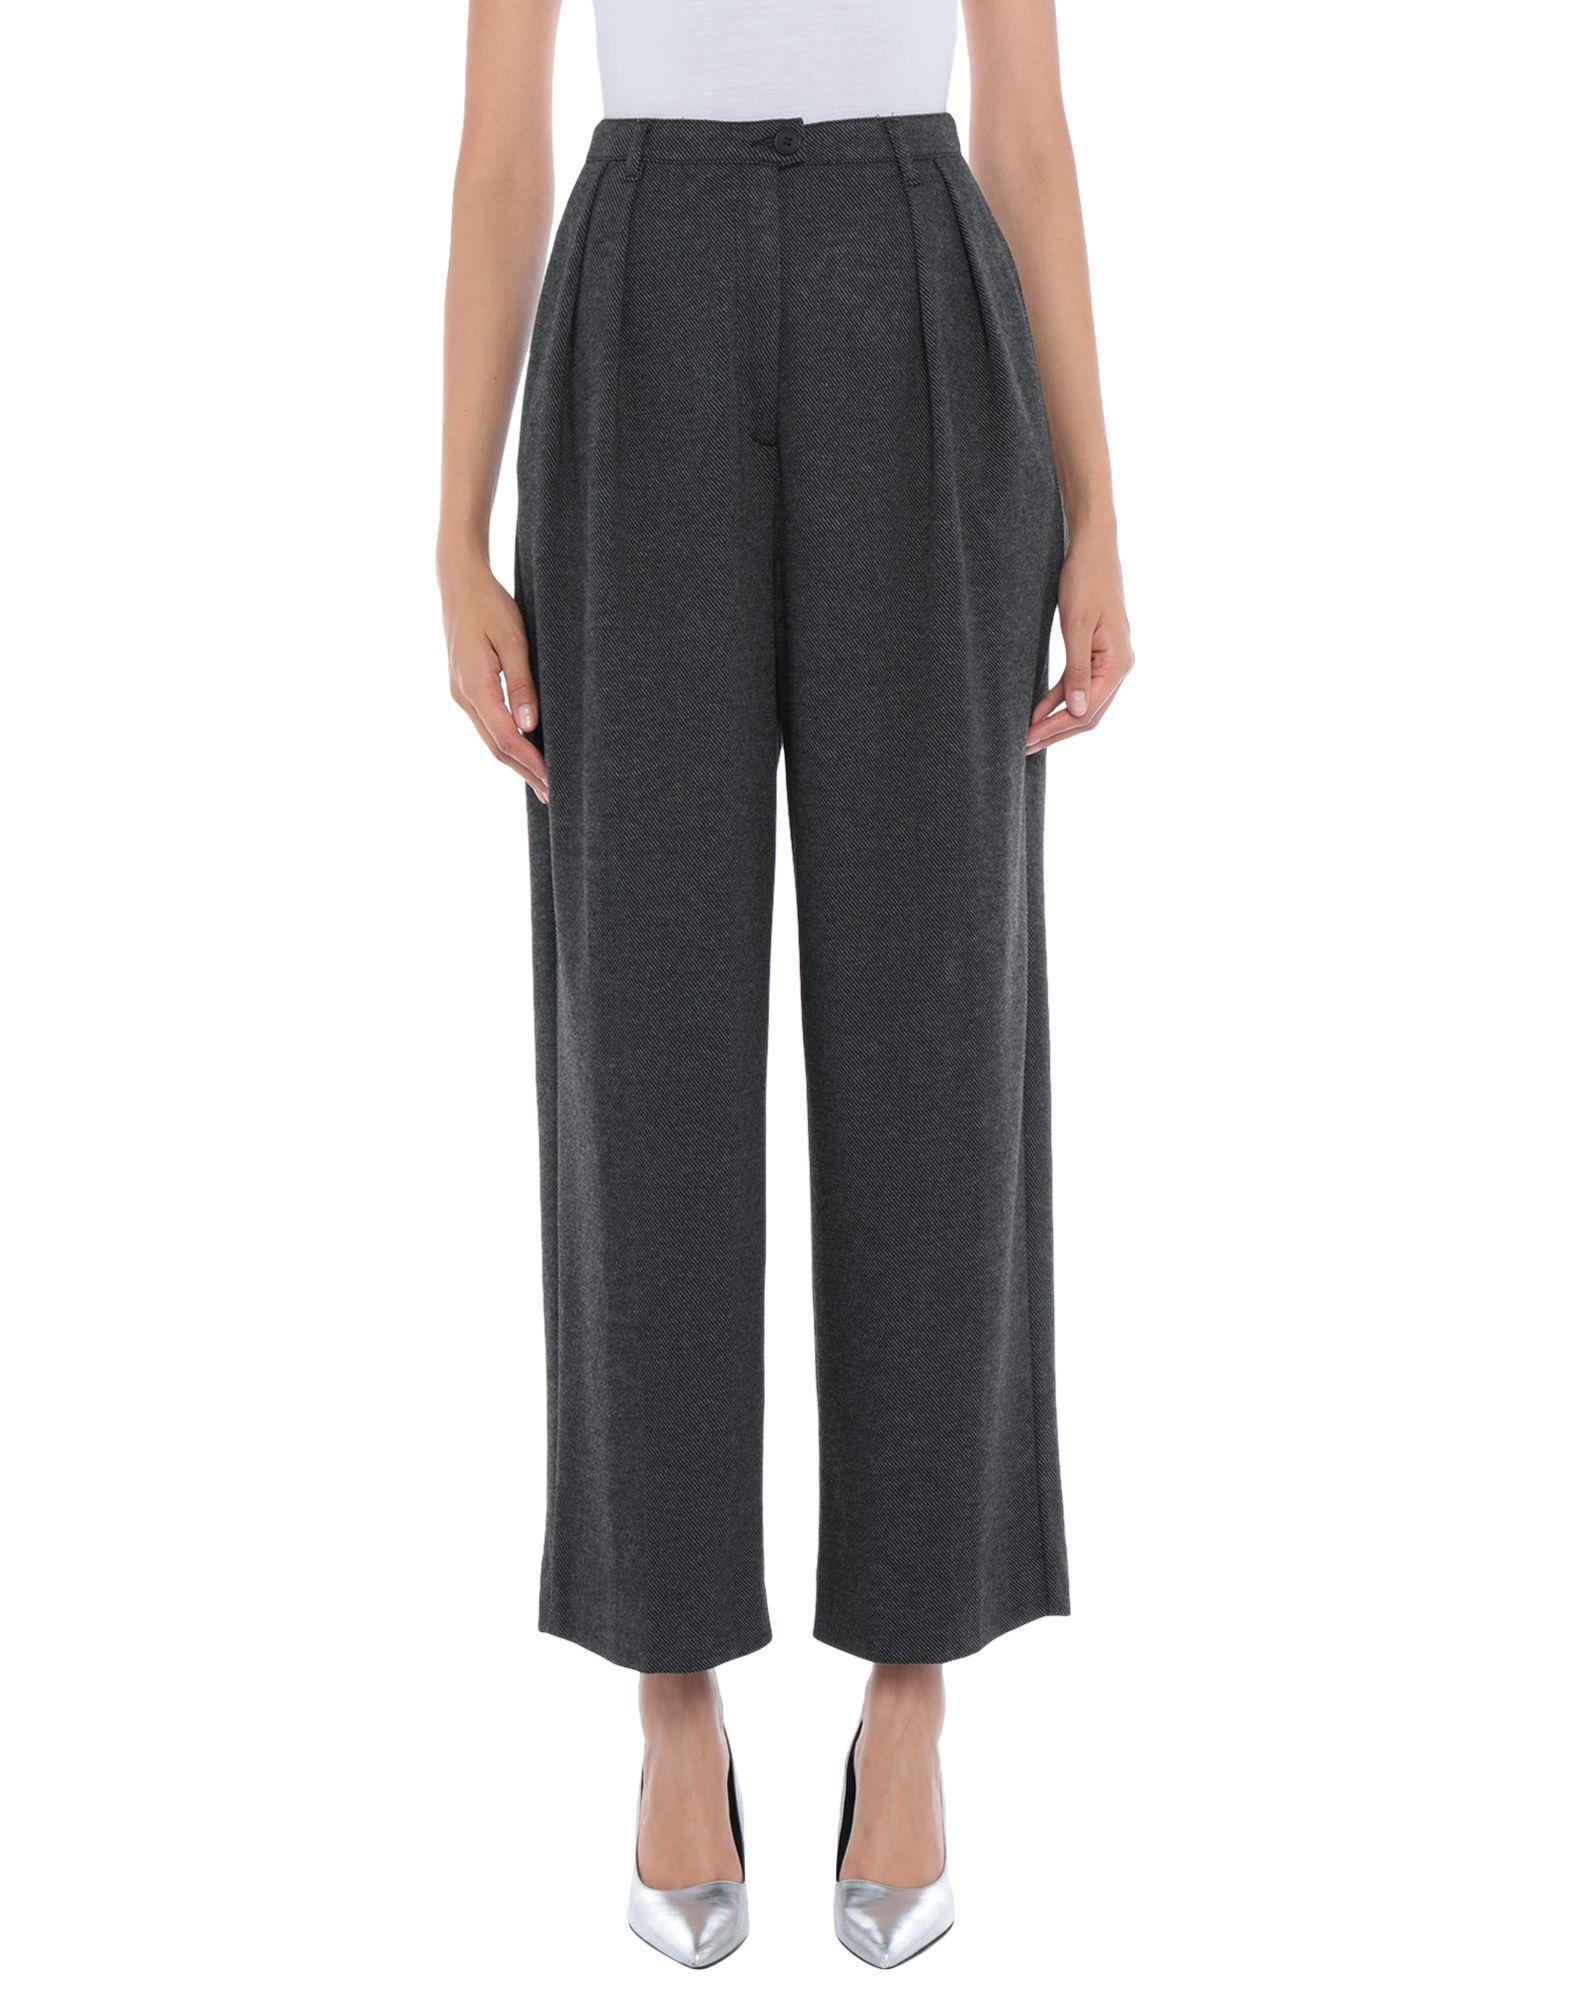 american vintage повседневные брюки AMERICAN VINTAGE Повседневные брюки